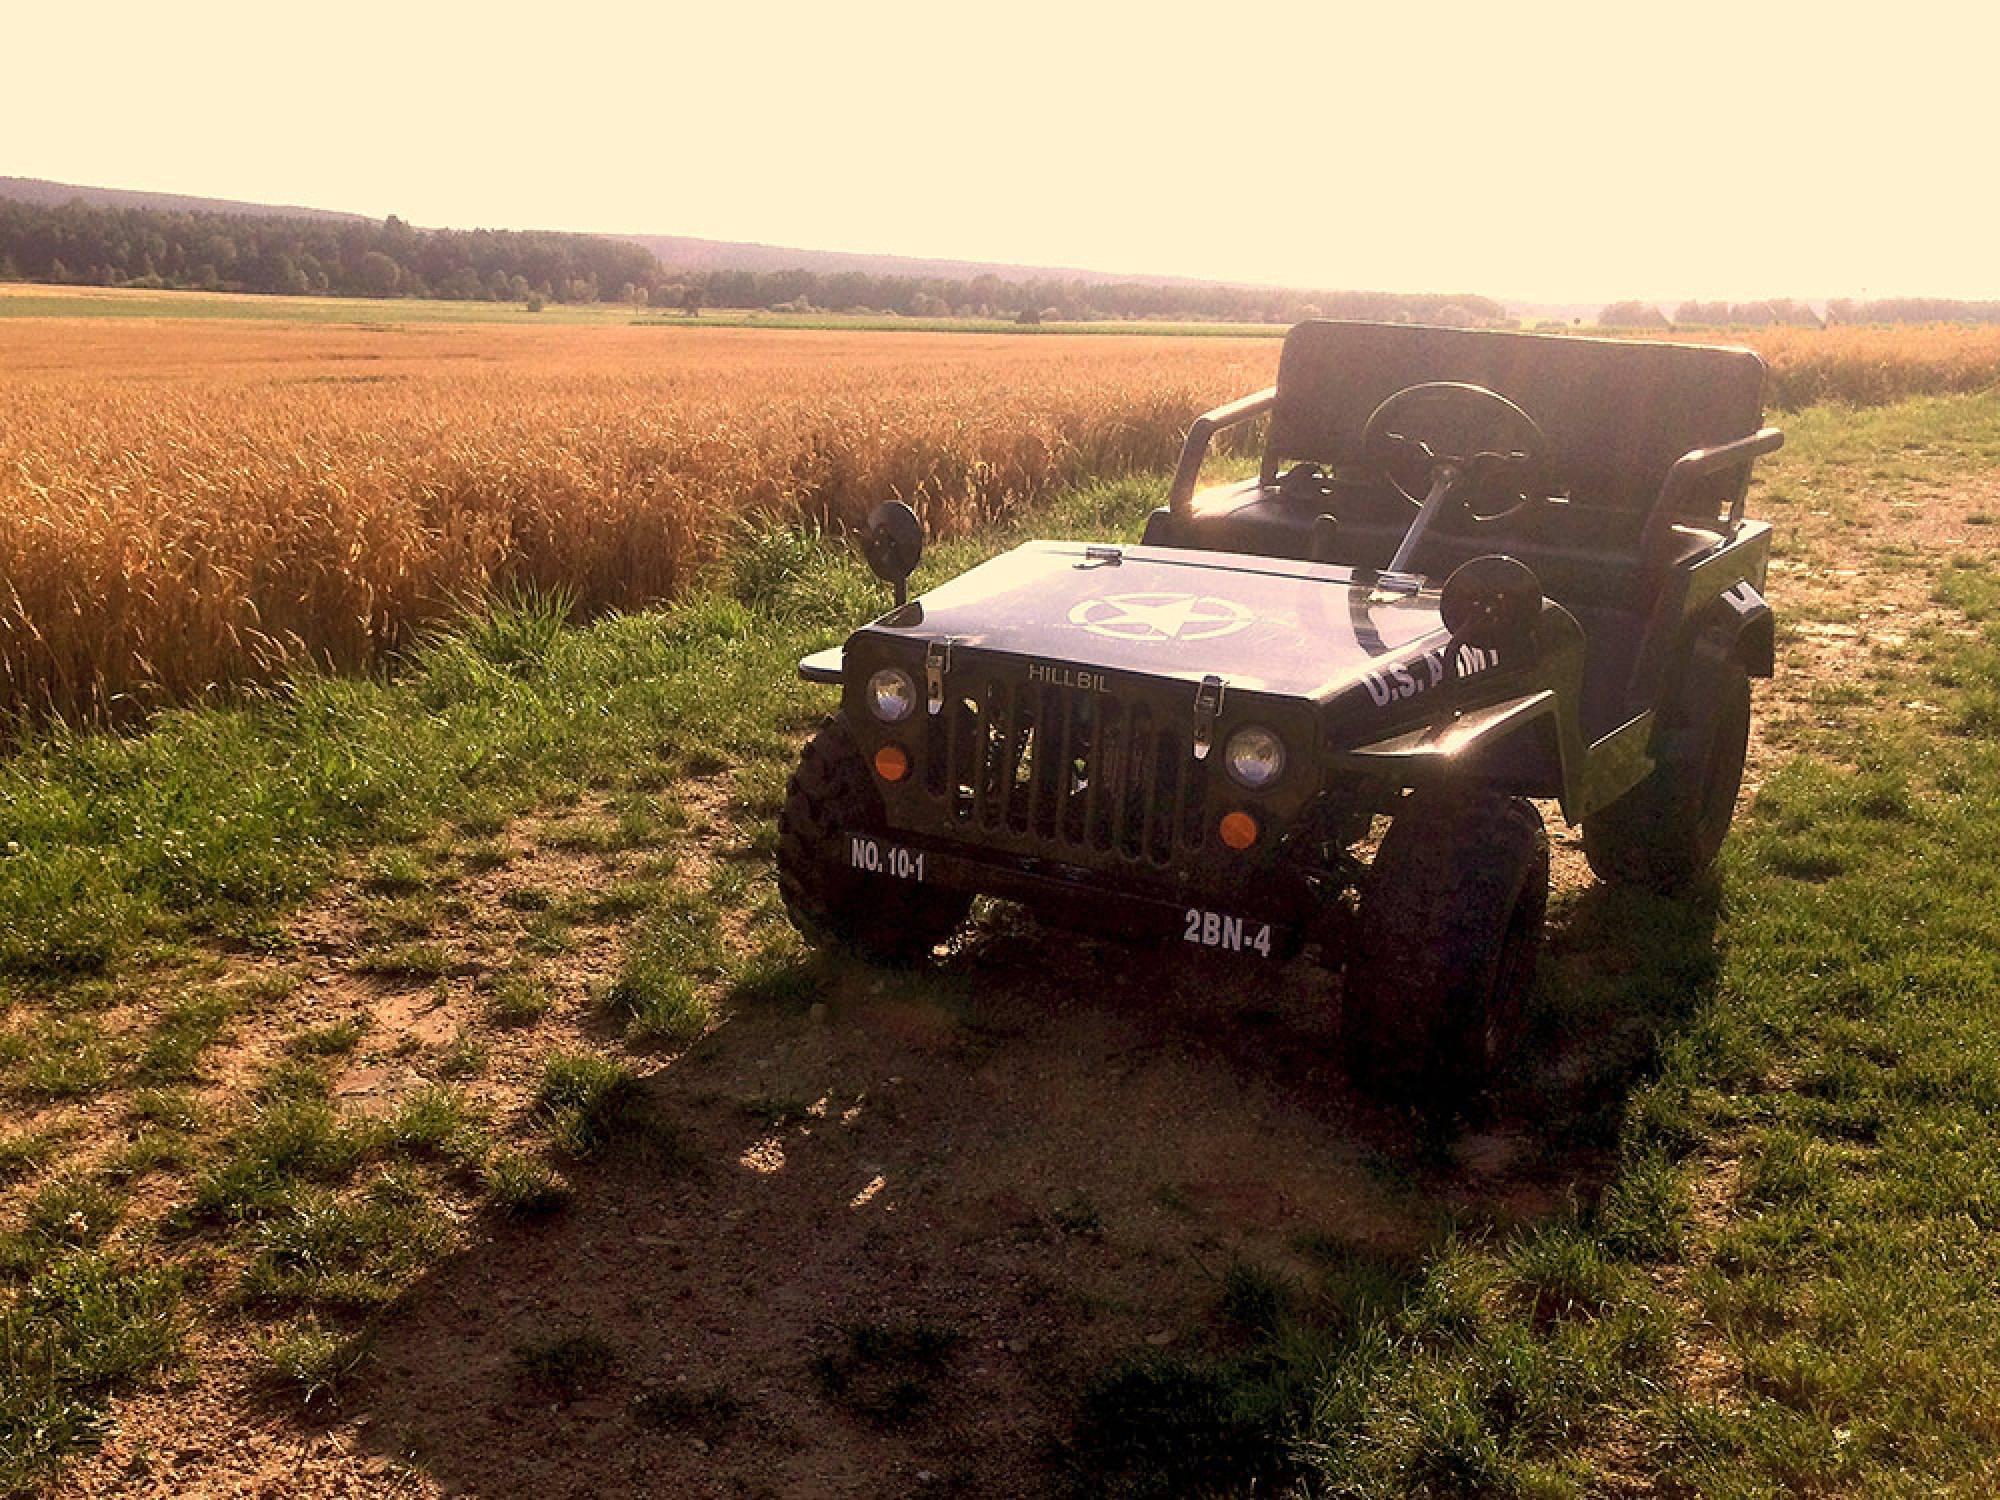 Enorm HILLBIL - u.s army willys mini jeep - mini car for children fun NS-12